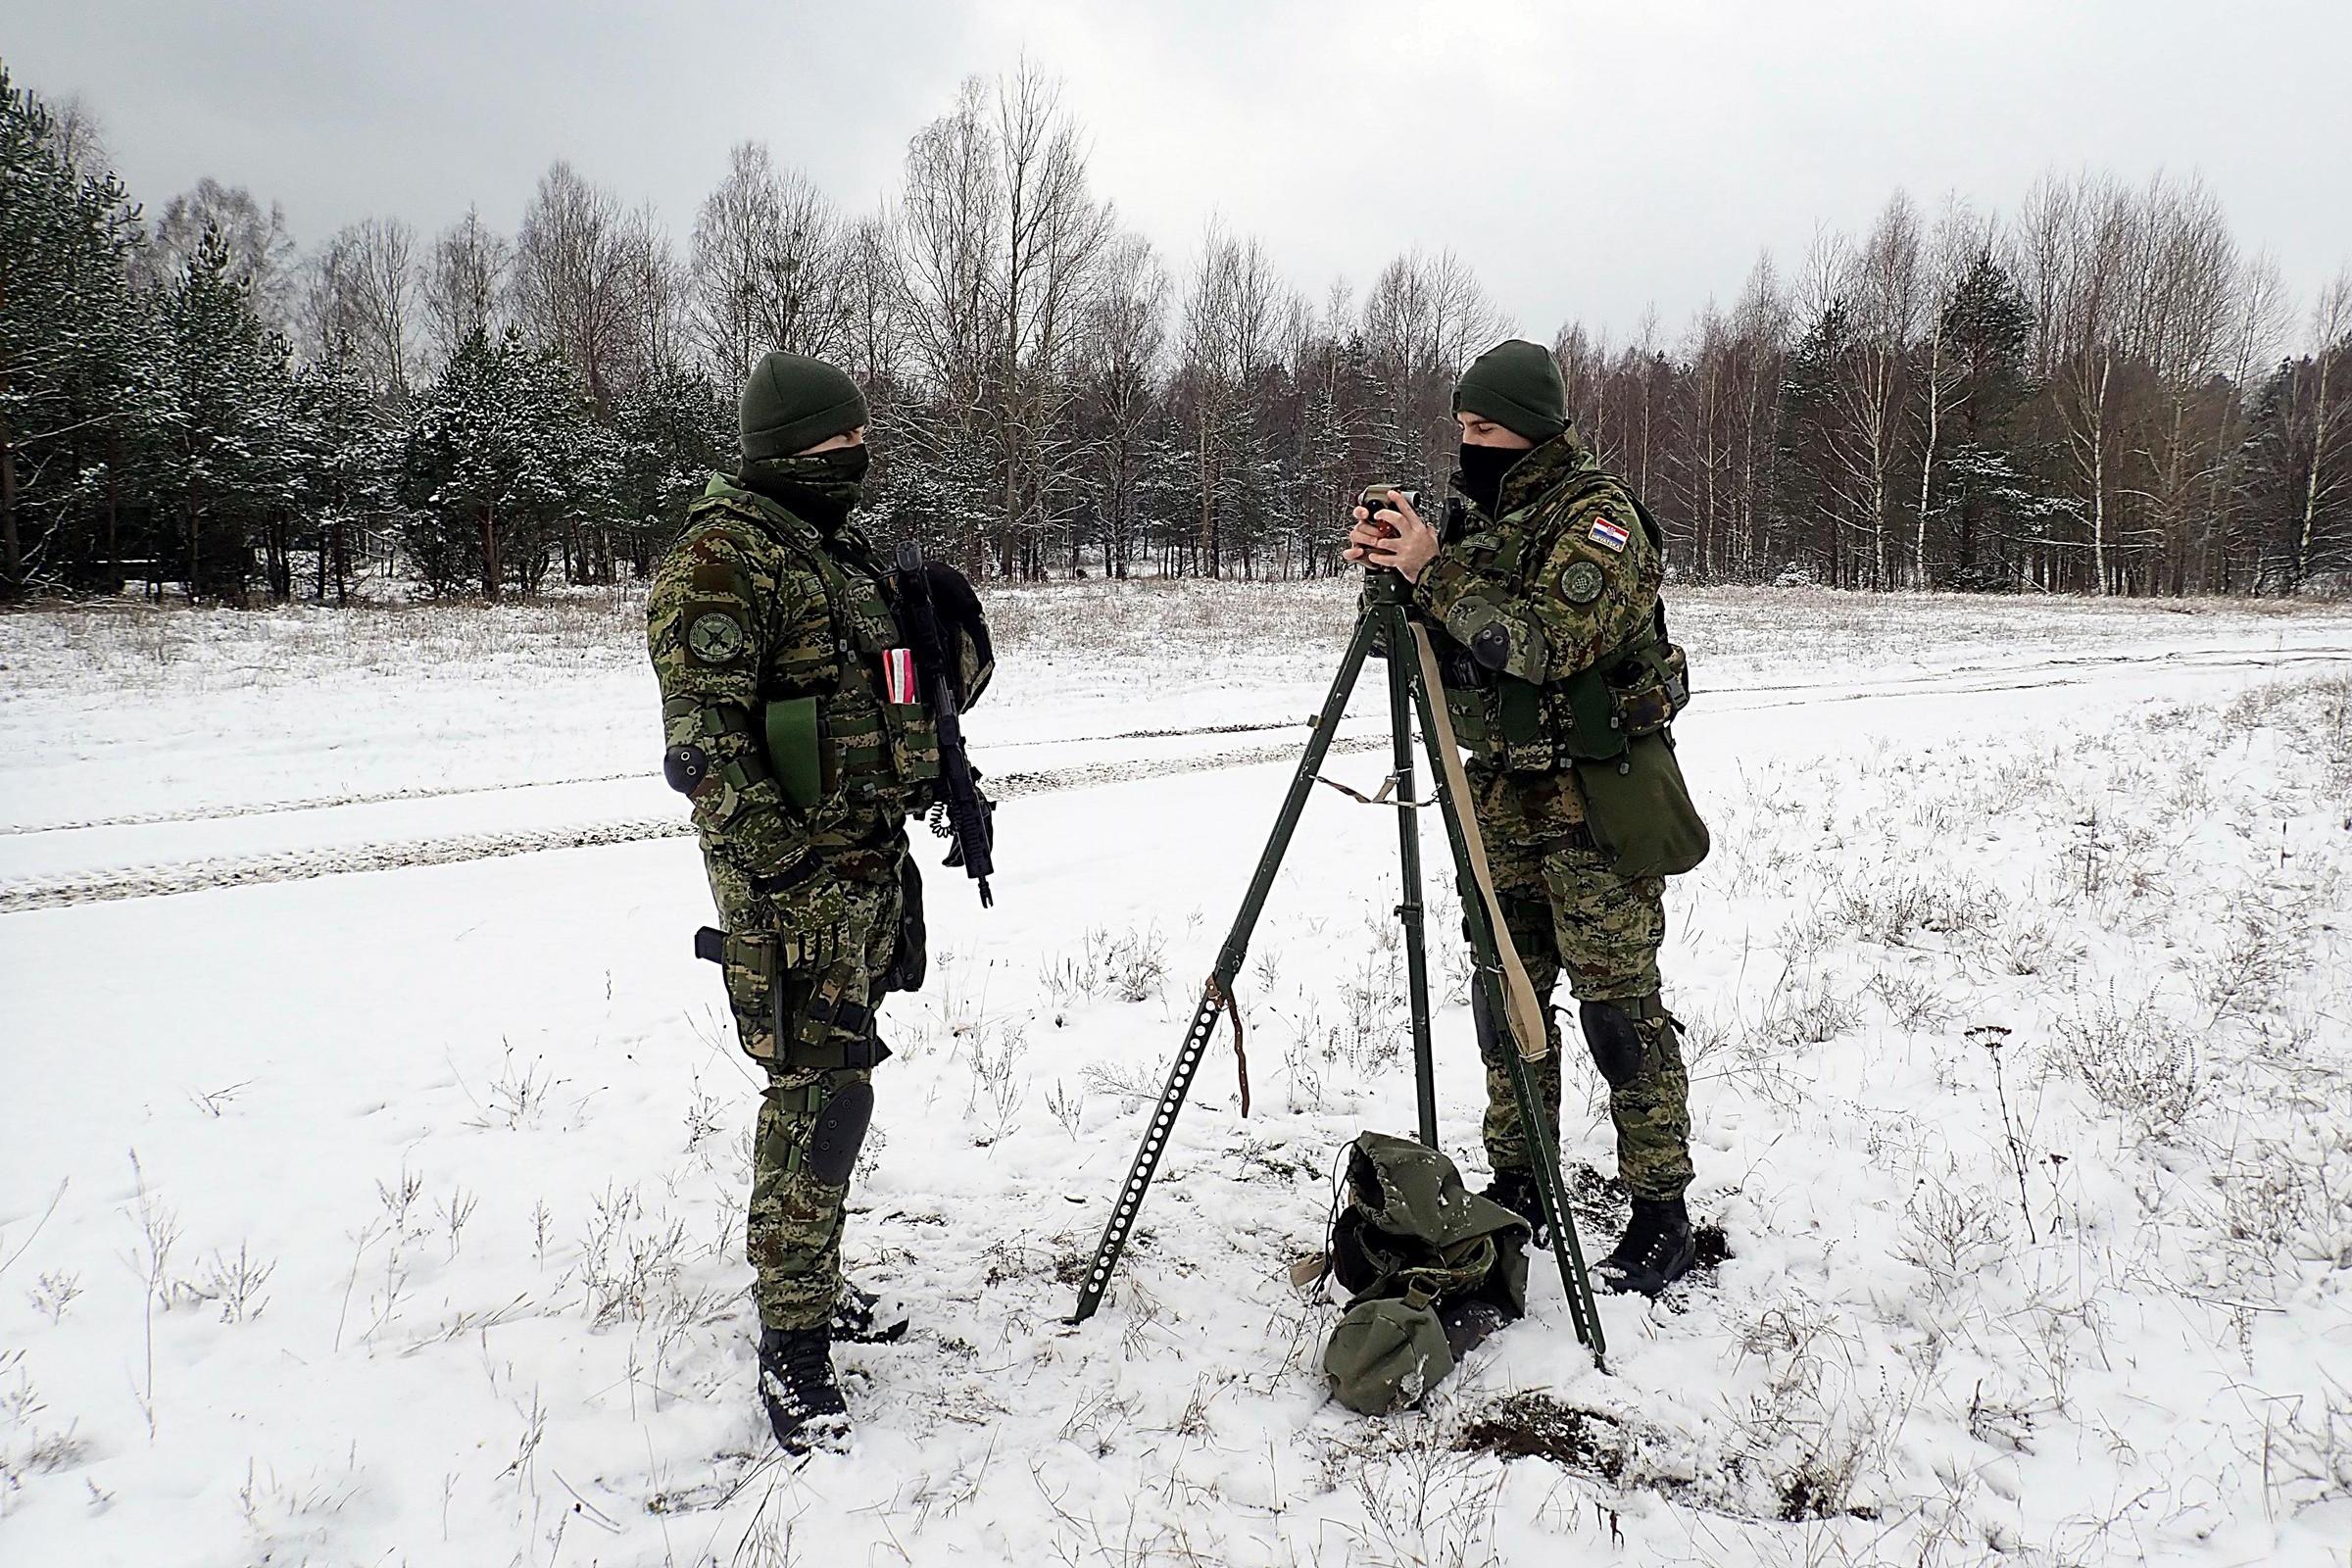 Održavanje spremnosti i interoperabilnosti 7. HRVCON-a u Poljskoj